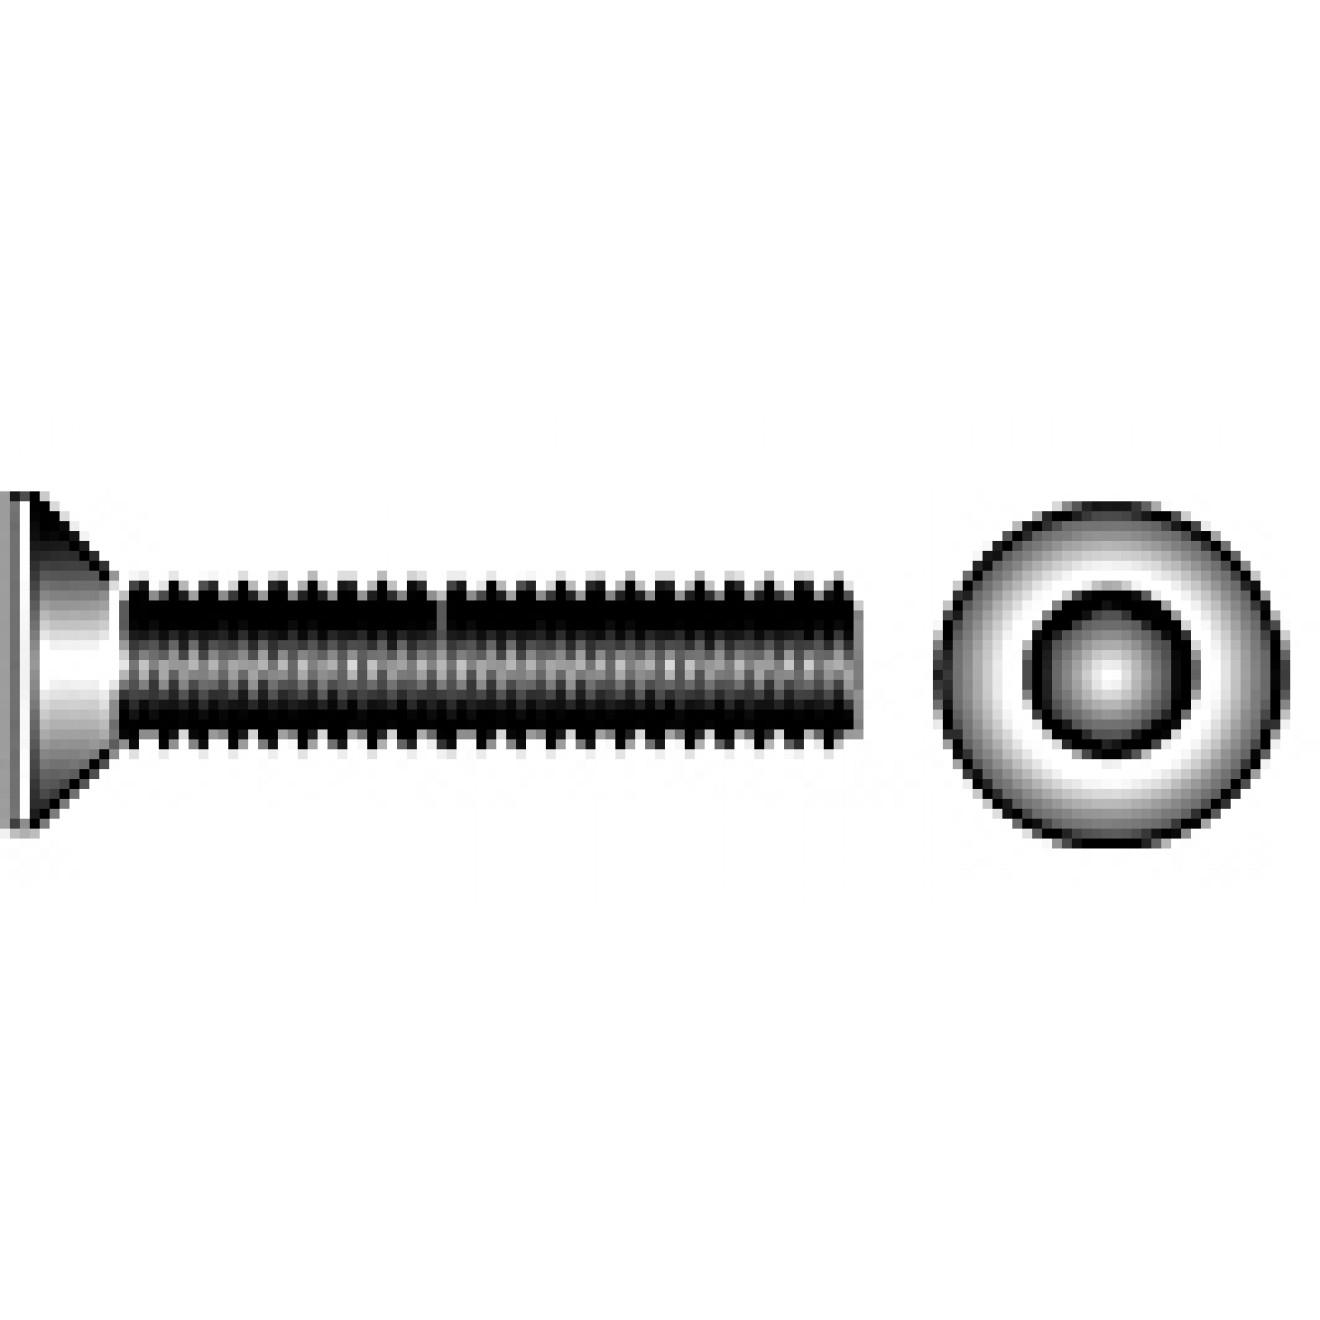 Senkschrauben SC-Normteile/® - M3x25 - SC7991 ISK Werkstoff: Edelstahl A2 V2A Vollgewinde Senkkopfschrauben mit Innensechskant 50 St/ück - DIN 7991//ISO 10642